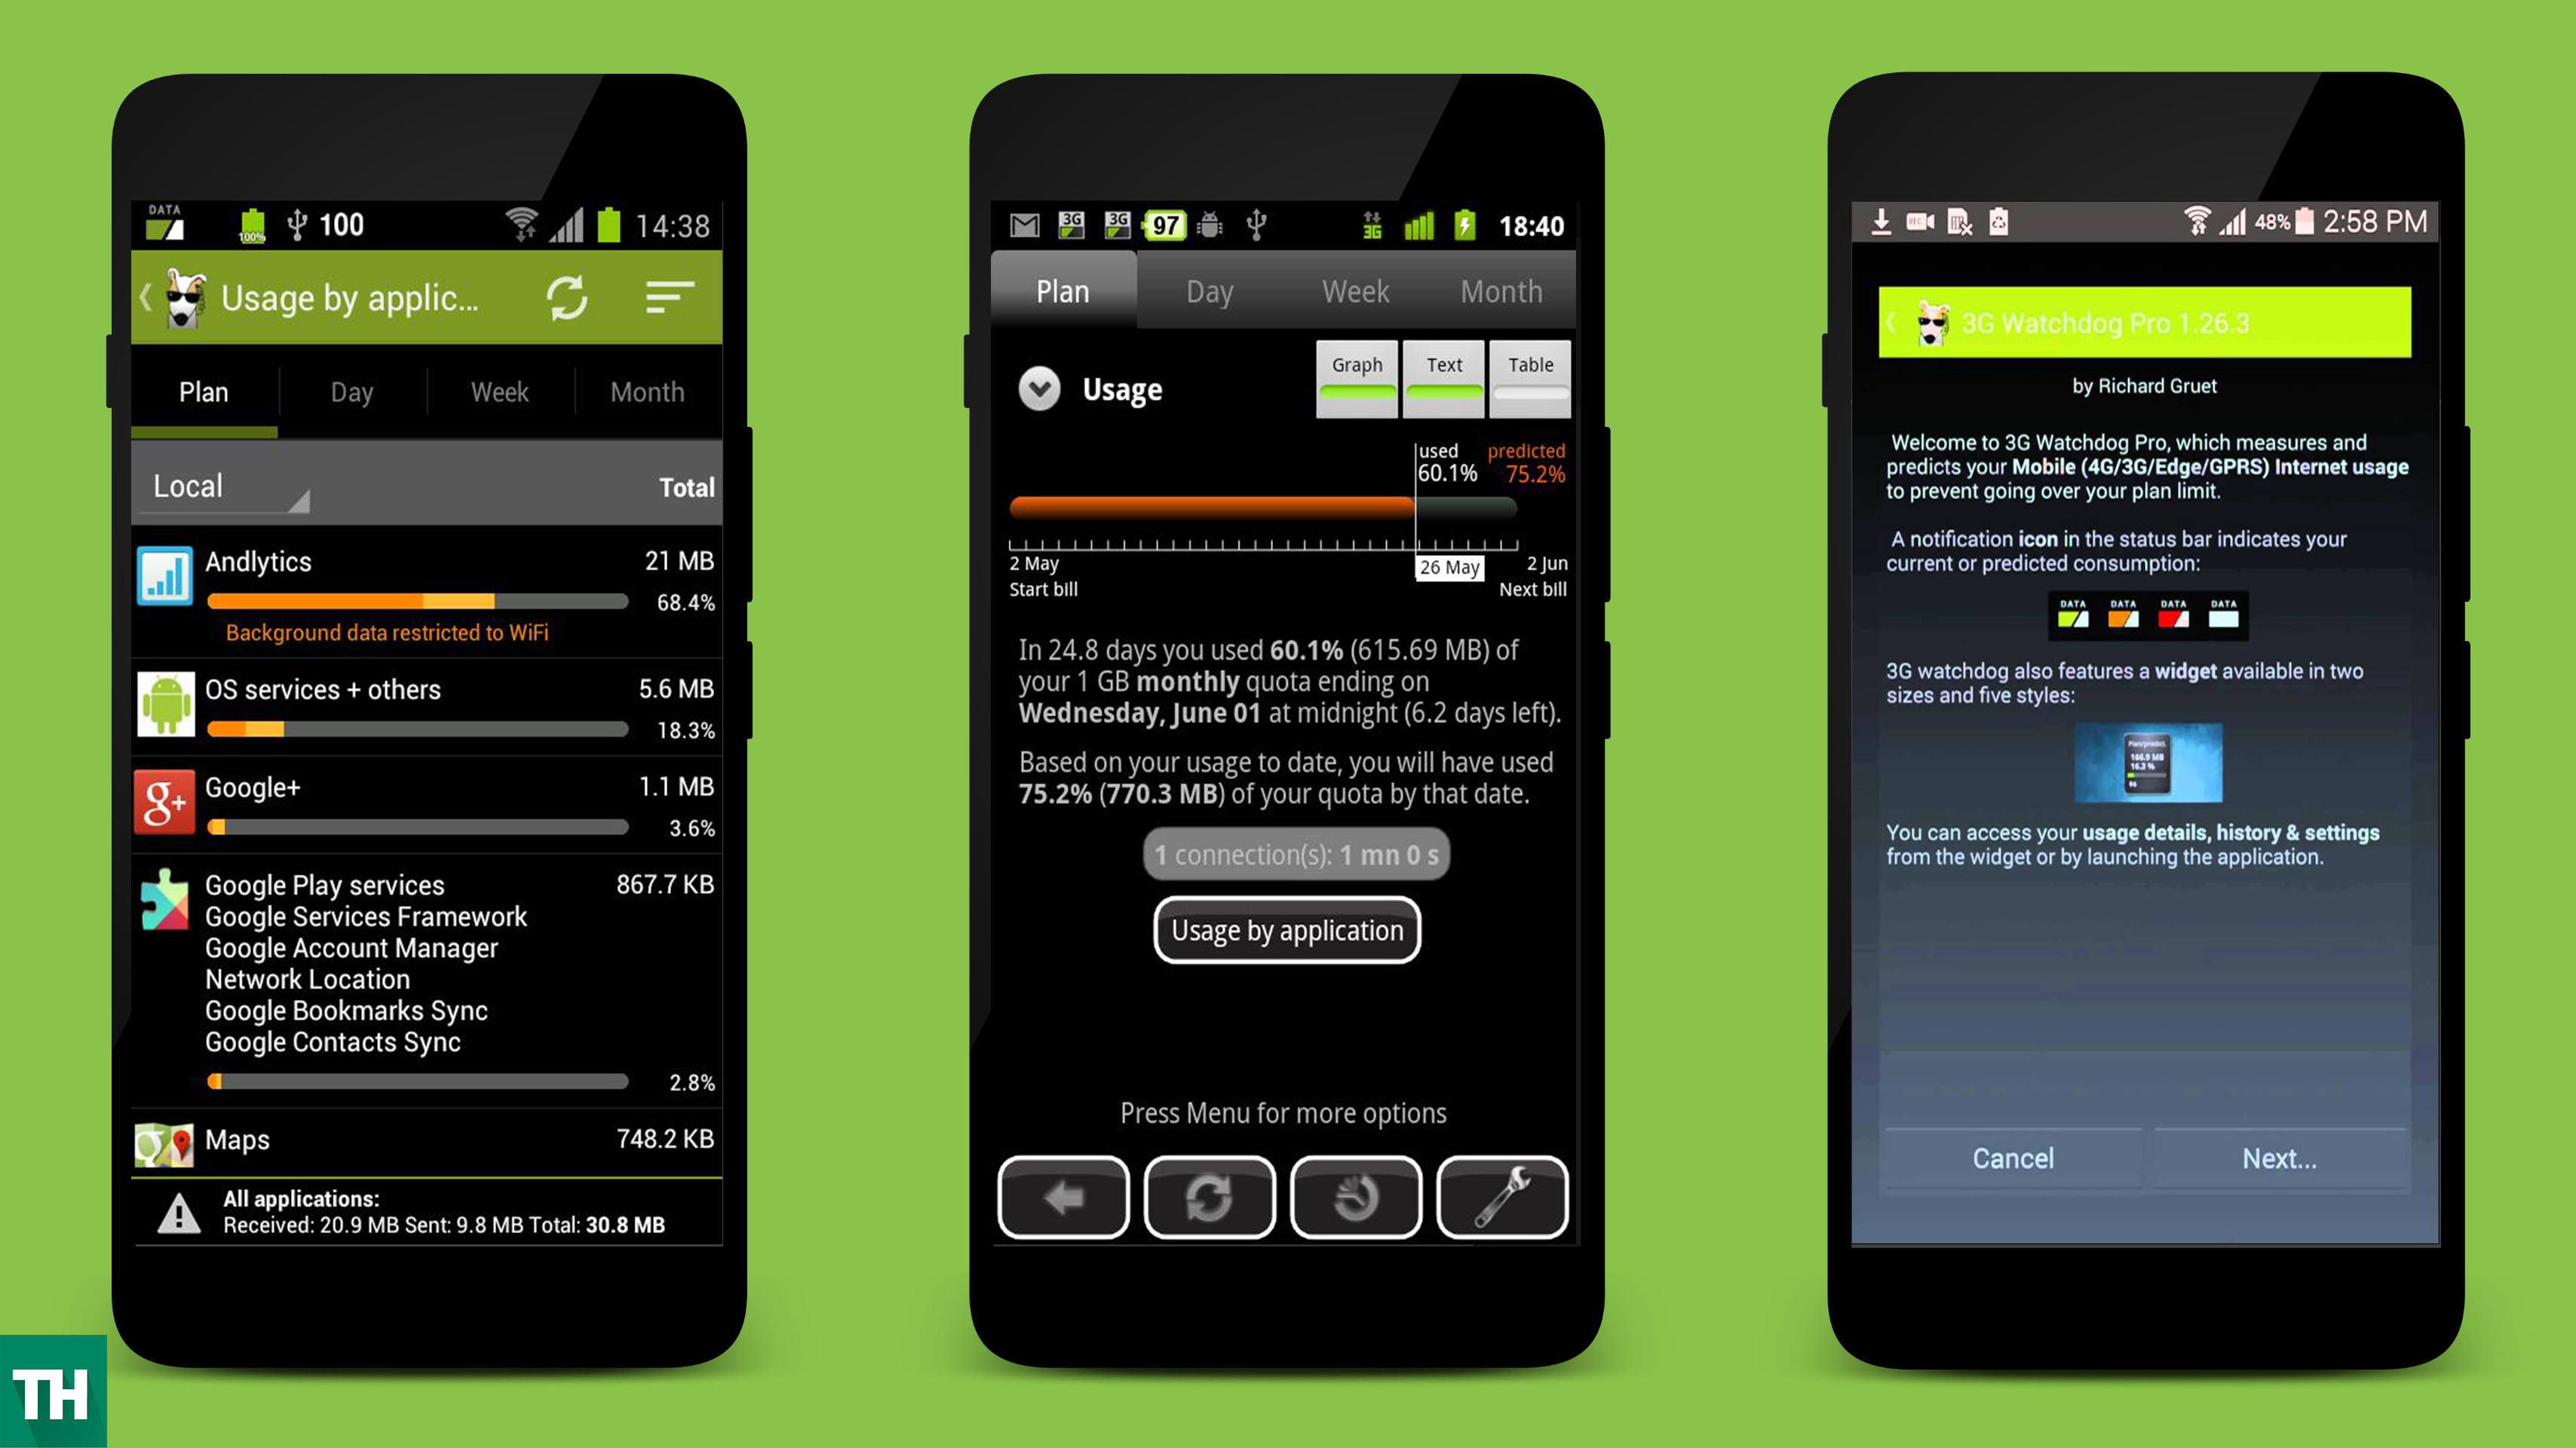 3g watchdog iphone app